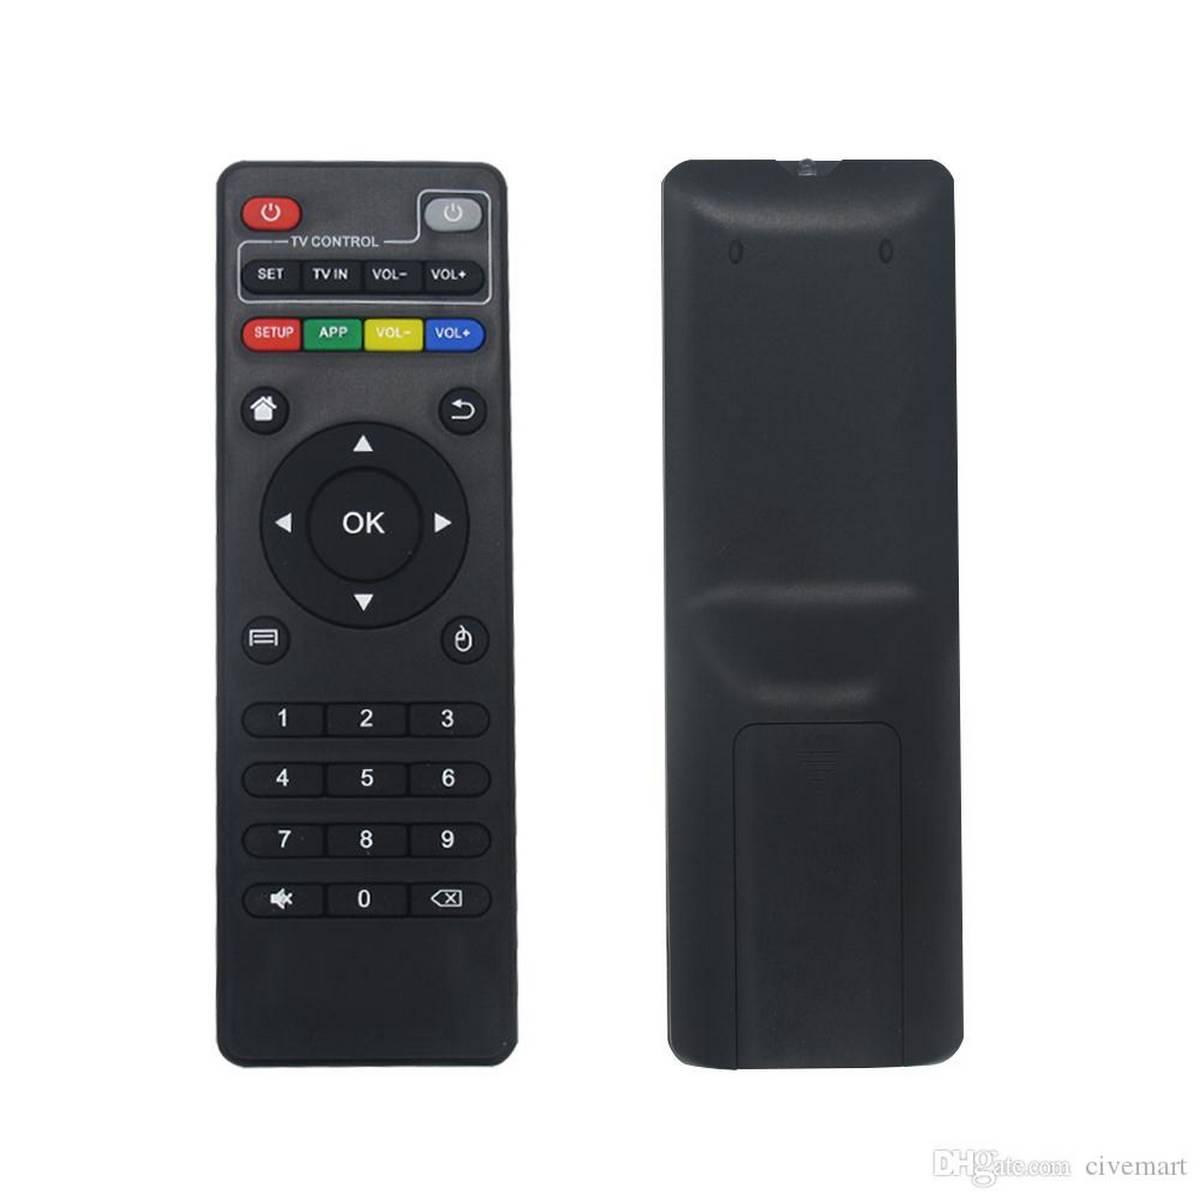 Android Box X96mini Remote Control - TV Box Remote Control Set Top Box Remote Control for all Android Smart TV Box A95X F3 X96 AIR -Android box Remote control for H96 max h96 max plus h96 mini x96 mini x96 air x96w t9 tv box